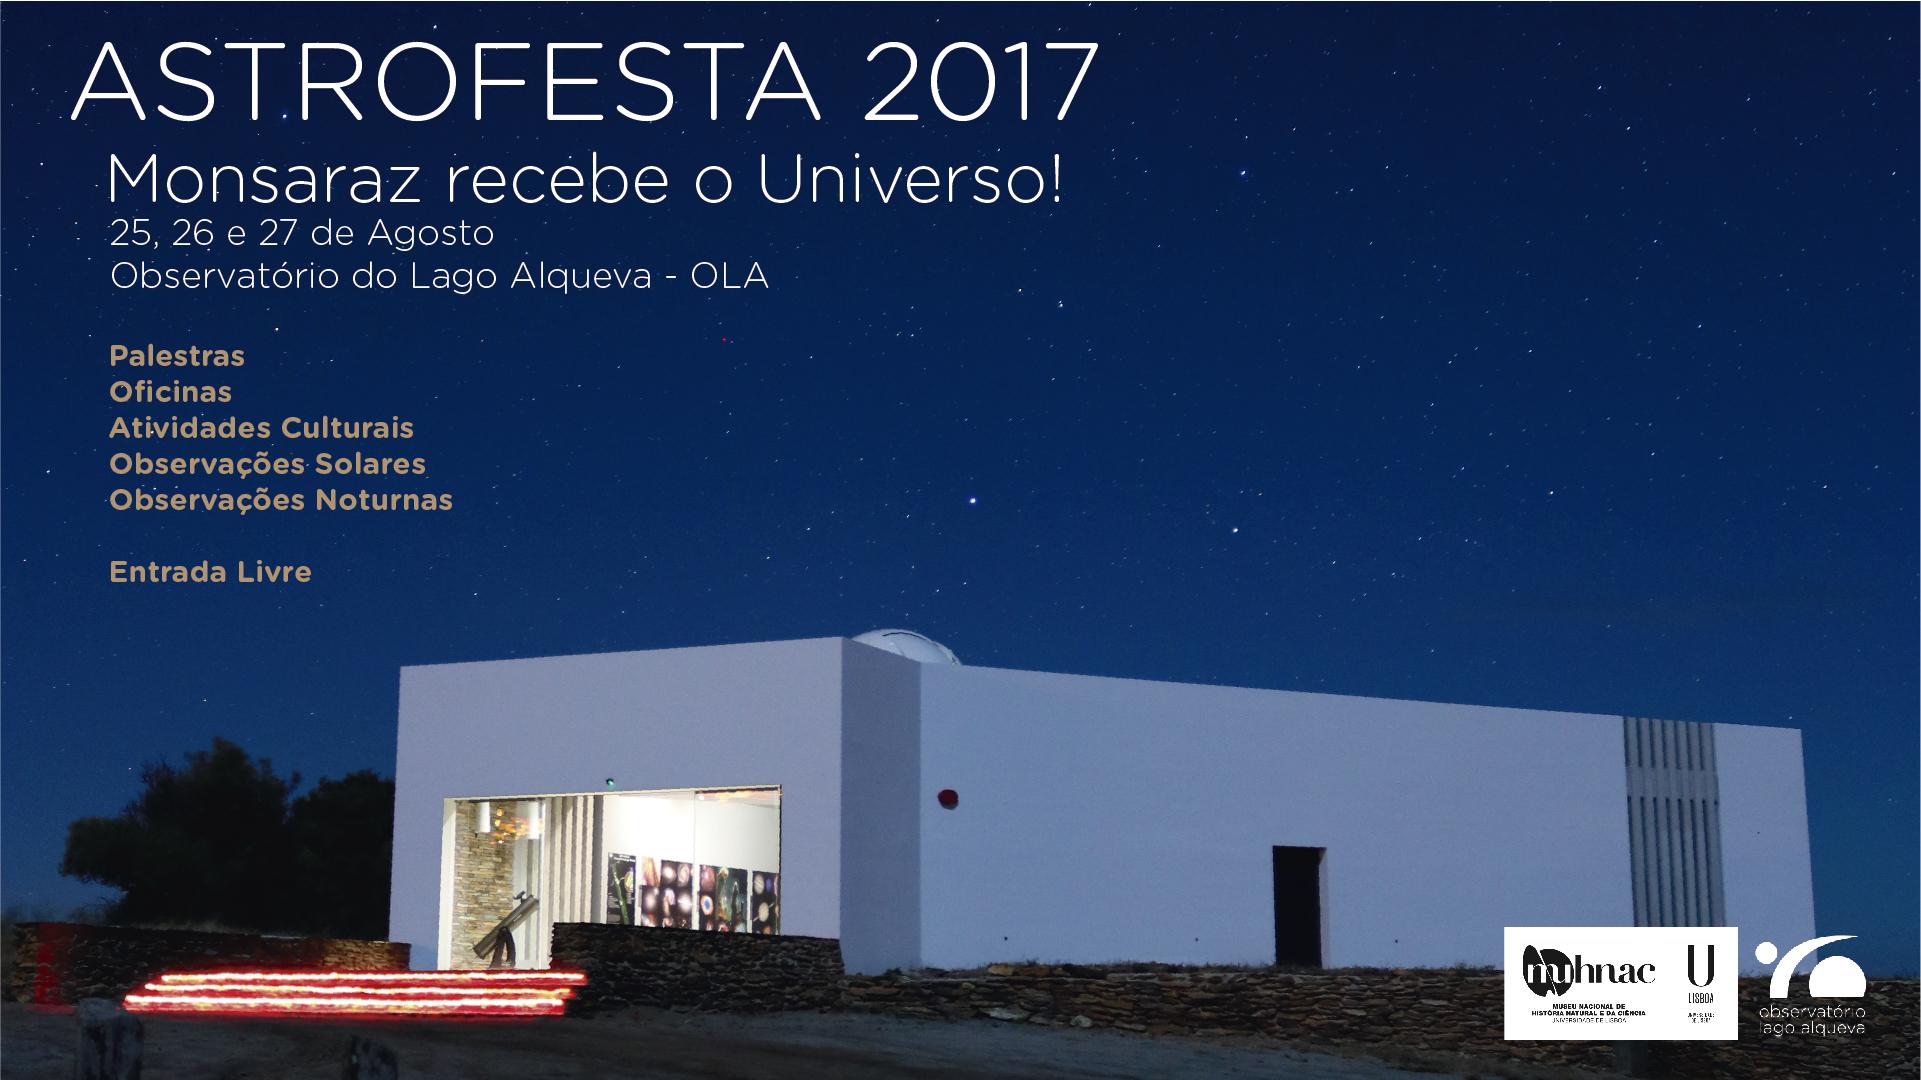 astrofesta_v4.3_facebook.jpg